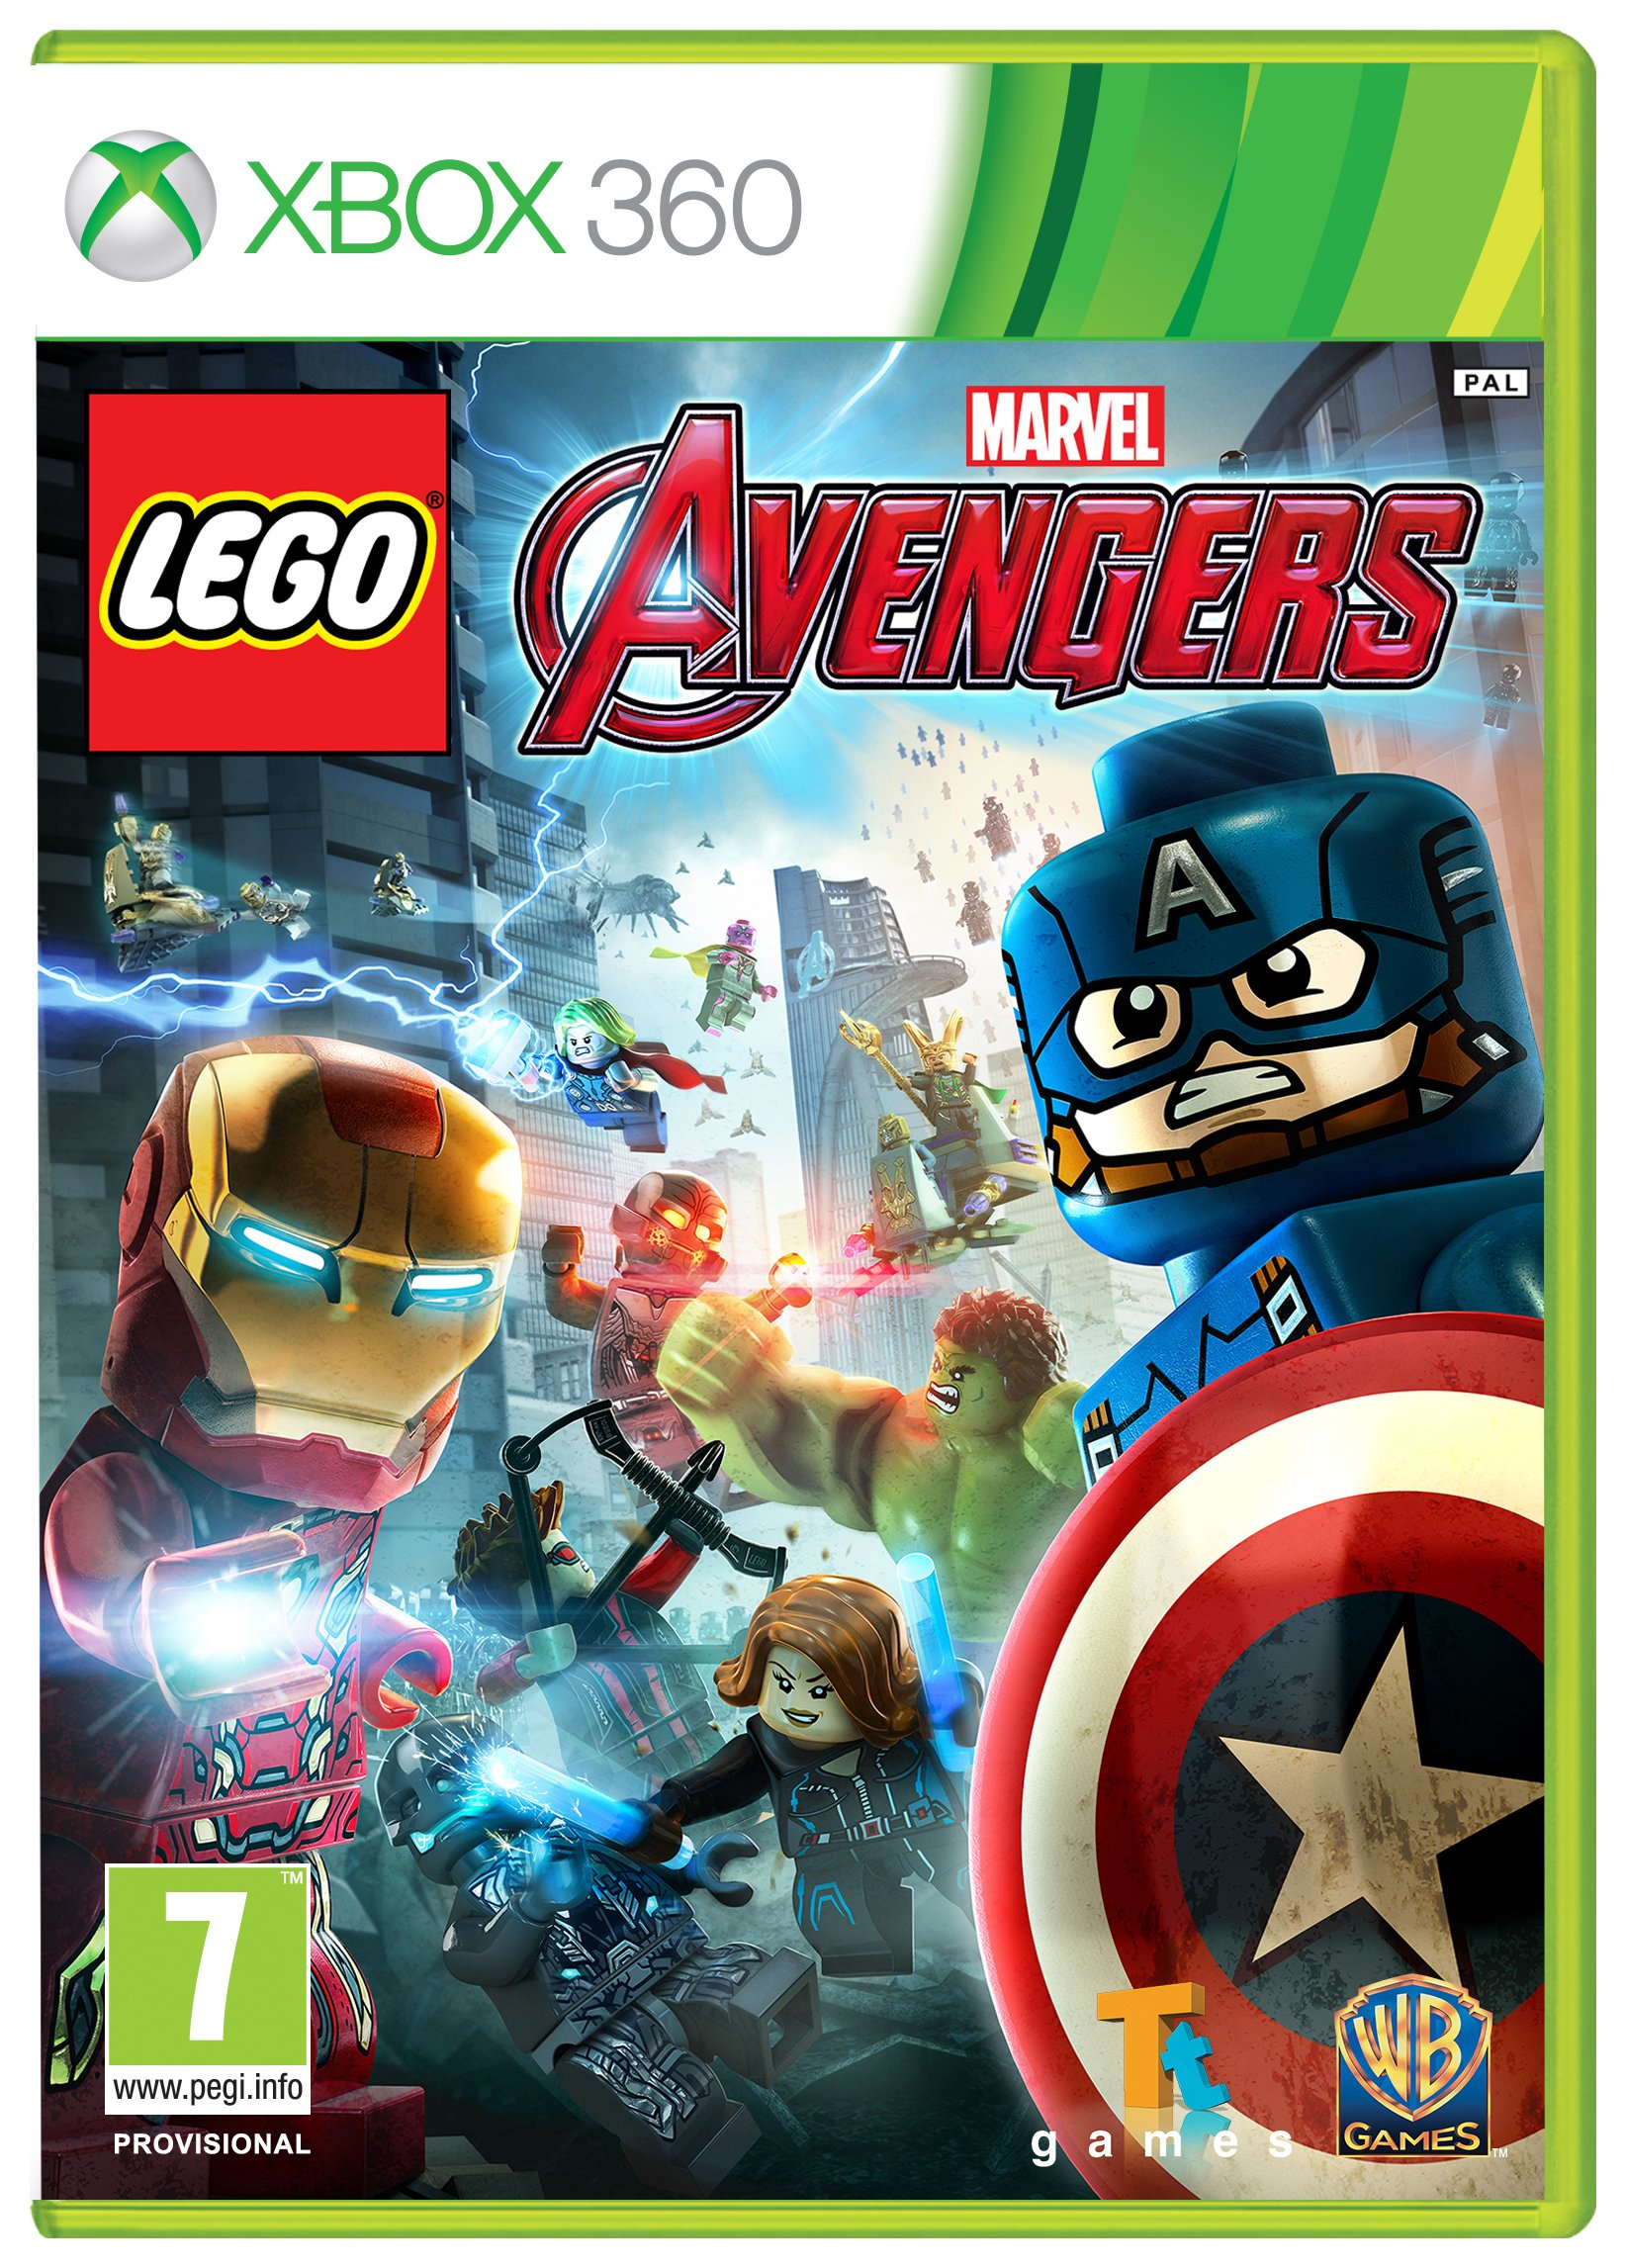 LEGO LEGO Avengers Game - Xbox 360.